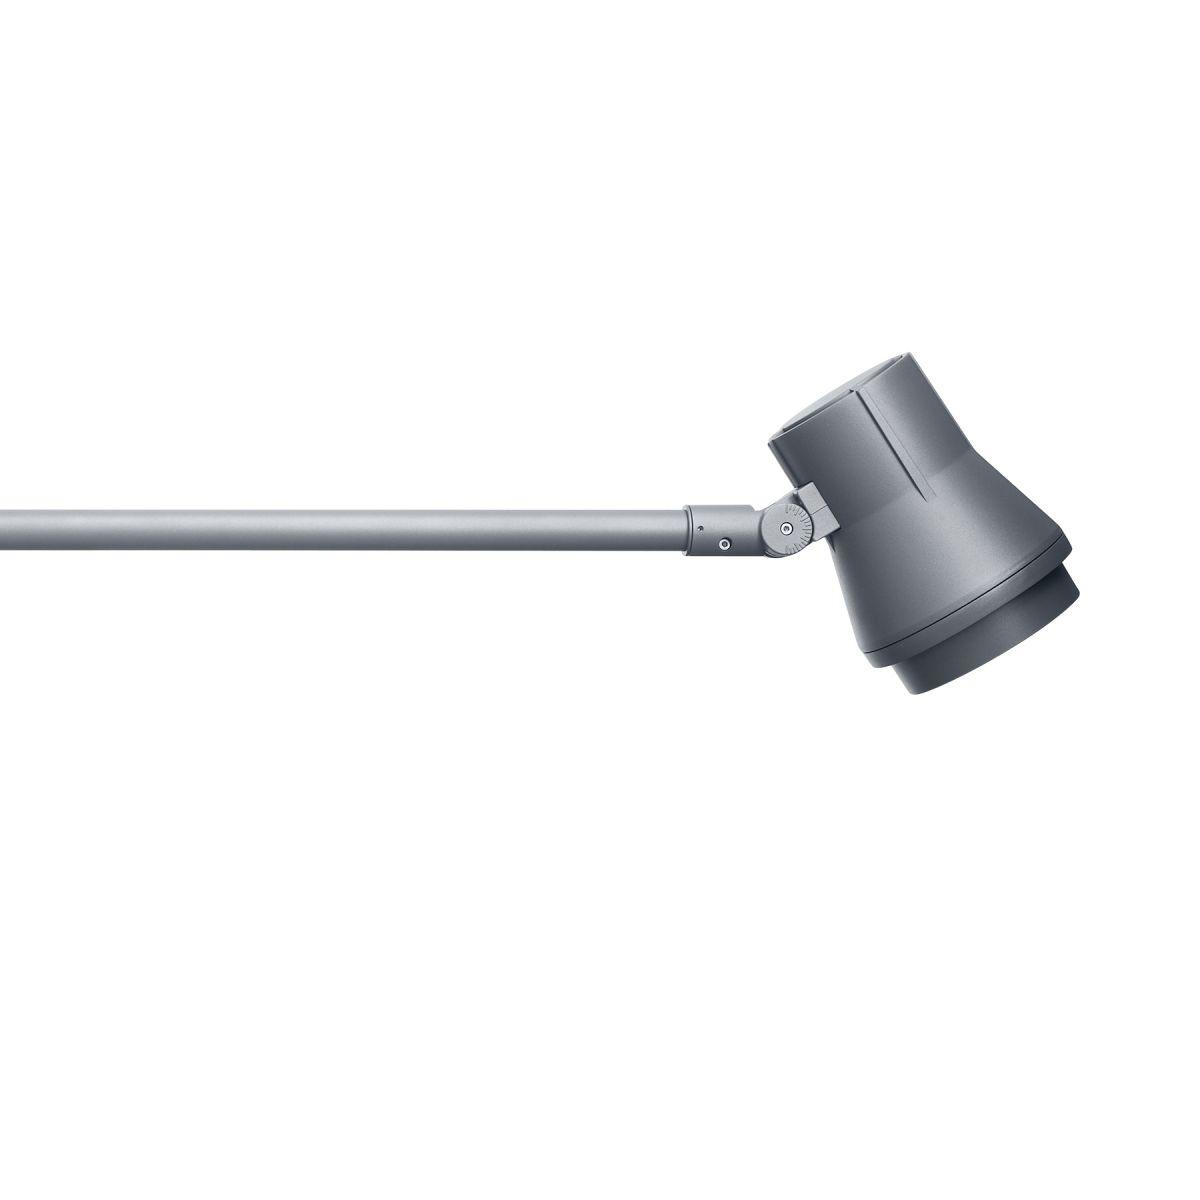 Medium SONIC - Arm